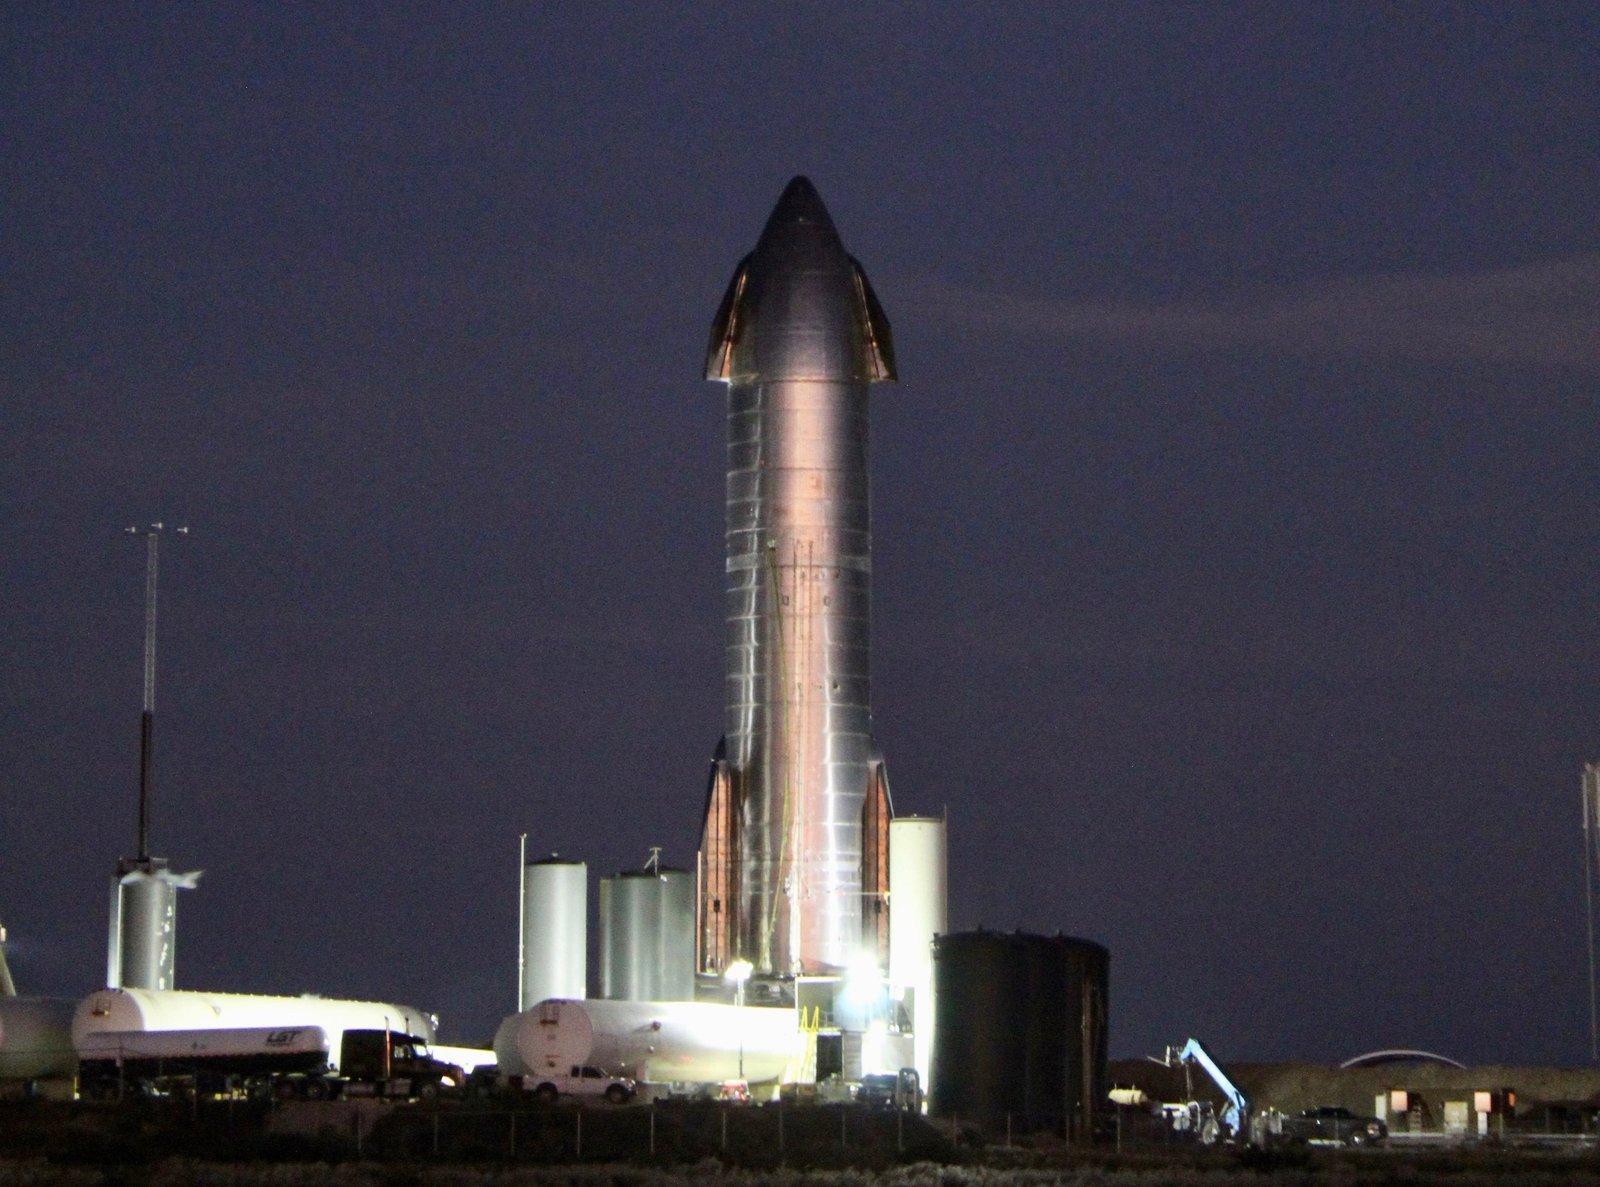 30 ноября Starship от SpaceX поднимется в воздух выше, чем когда-либо прежде (20201031 184310 1 1600x 1)